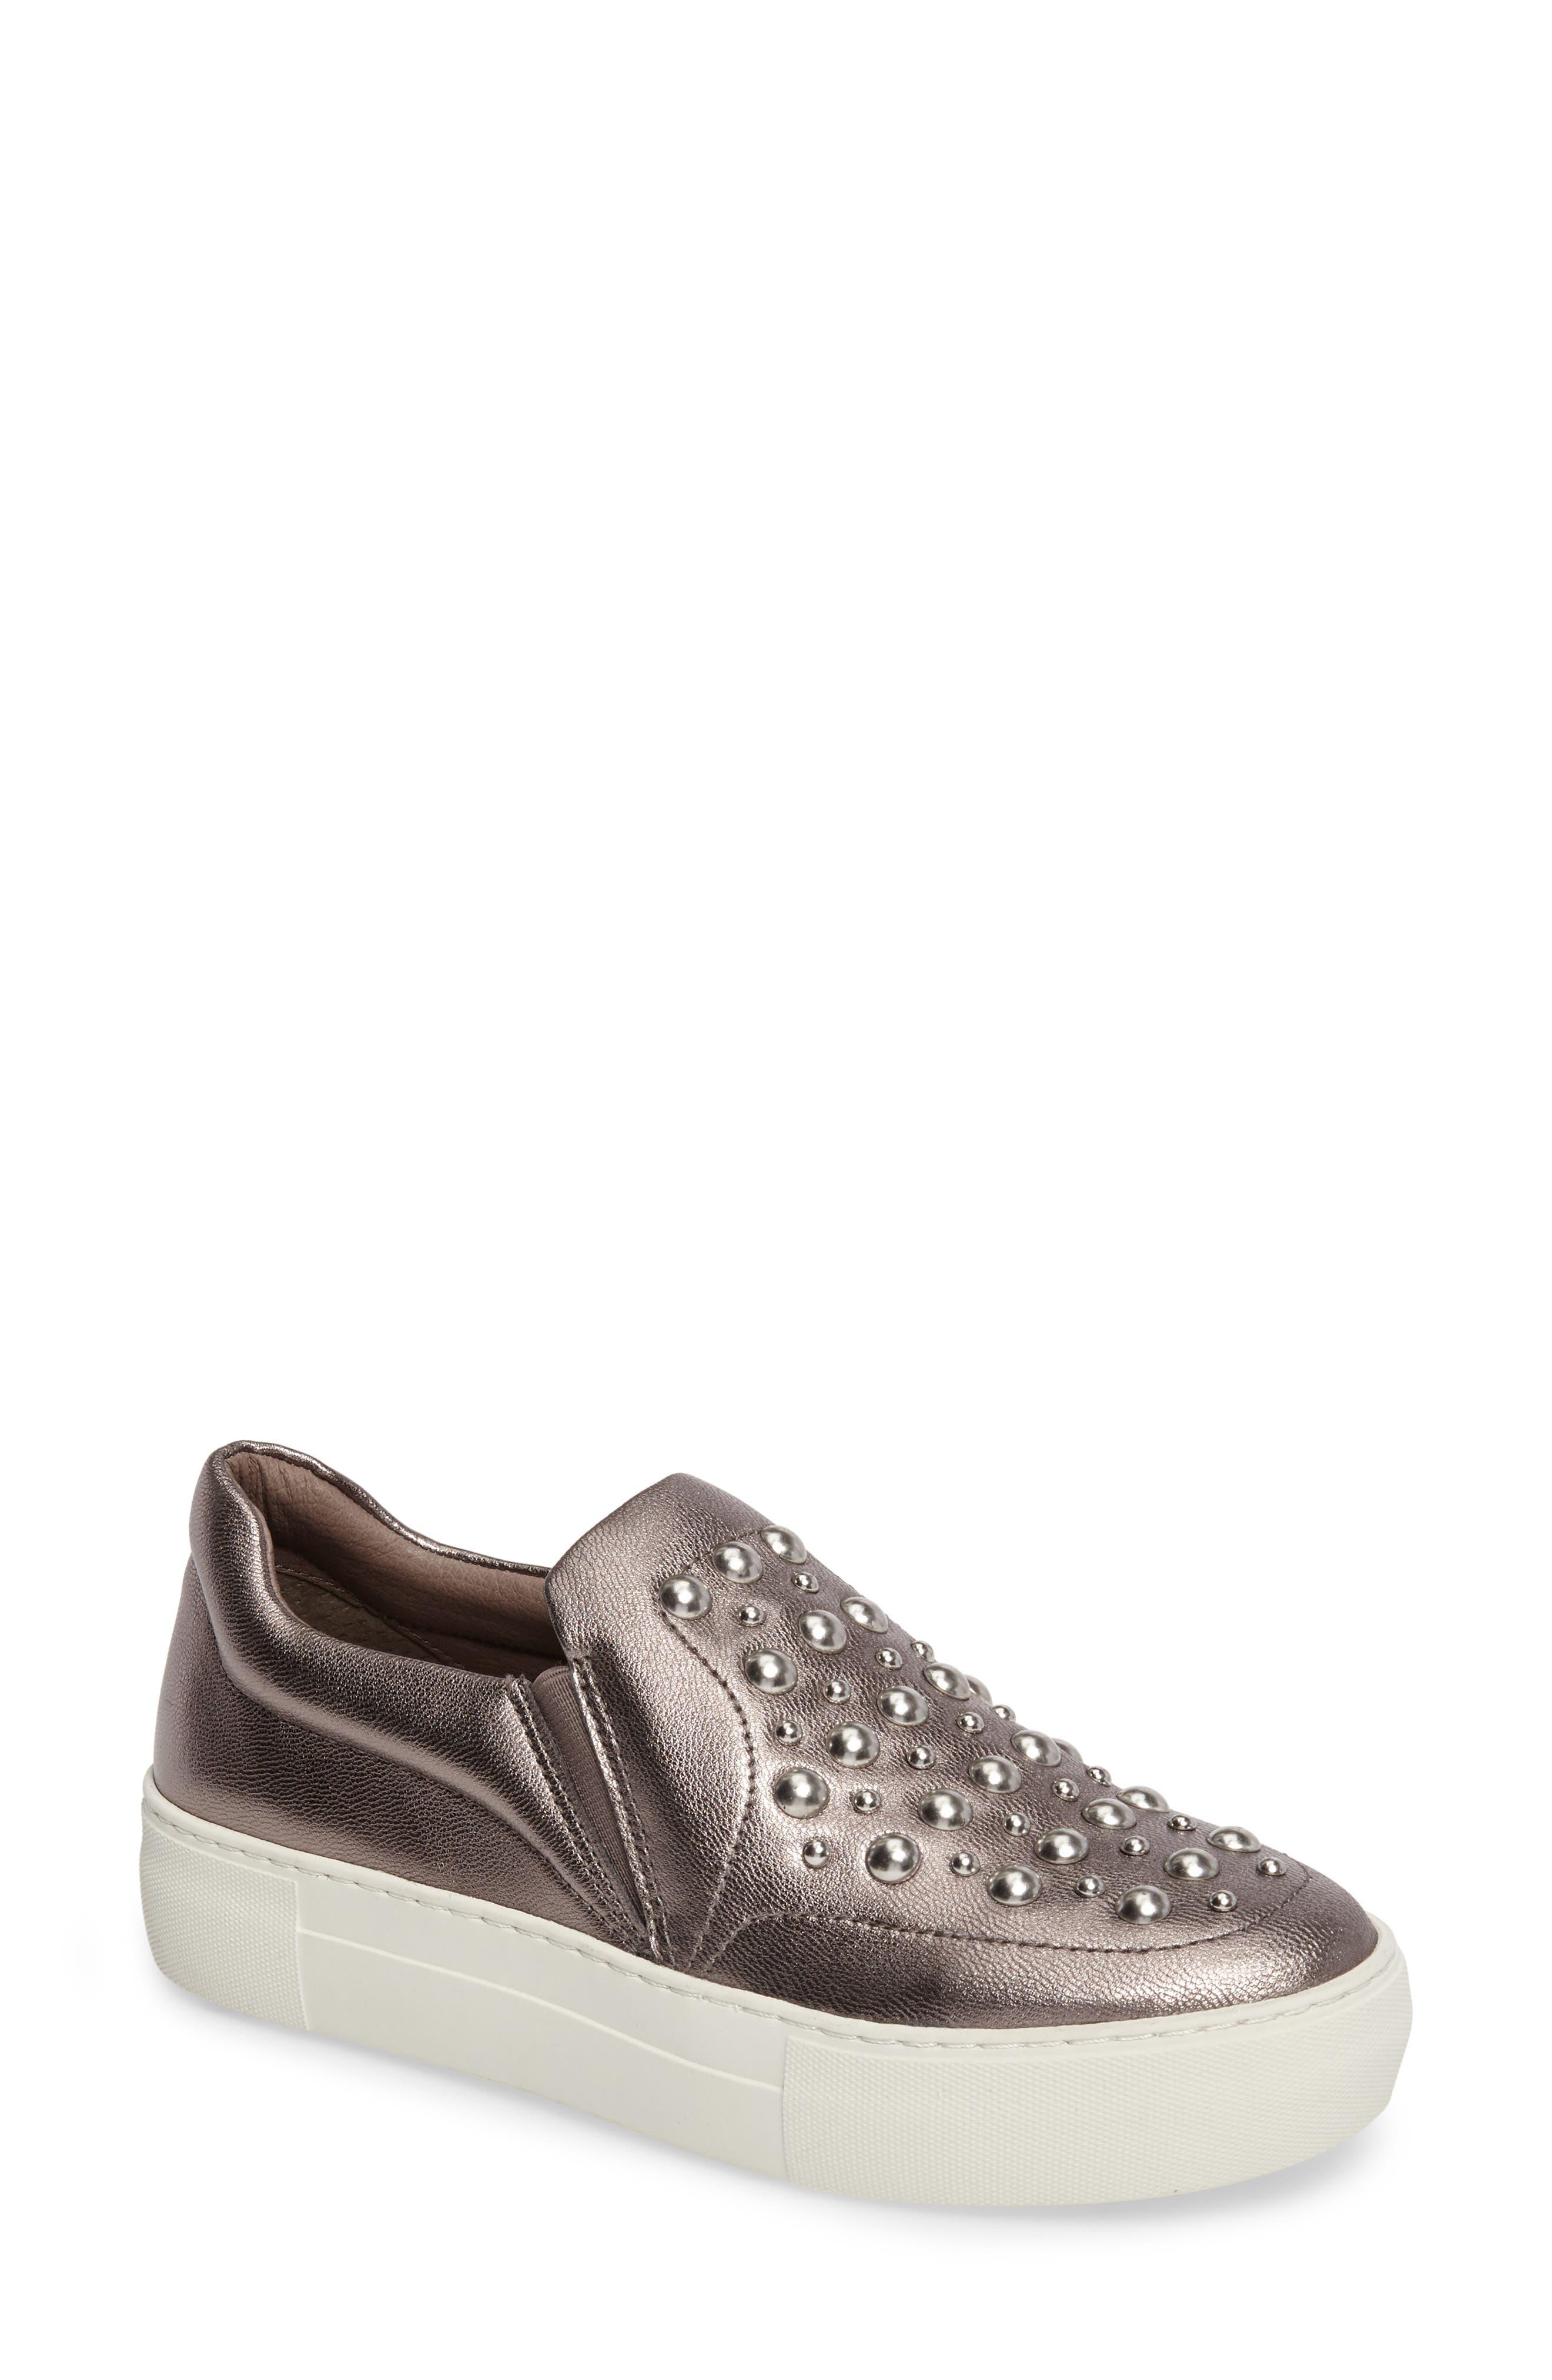 Atom Slip-On Platform Sneaker,                         Main,                         color, Pewter Leather